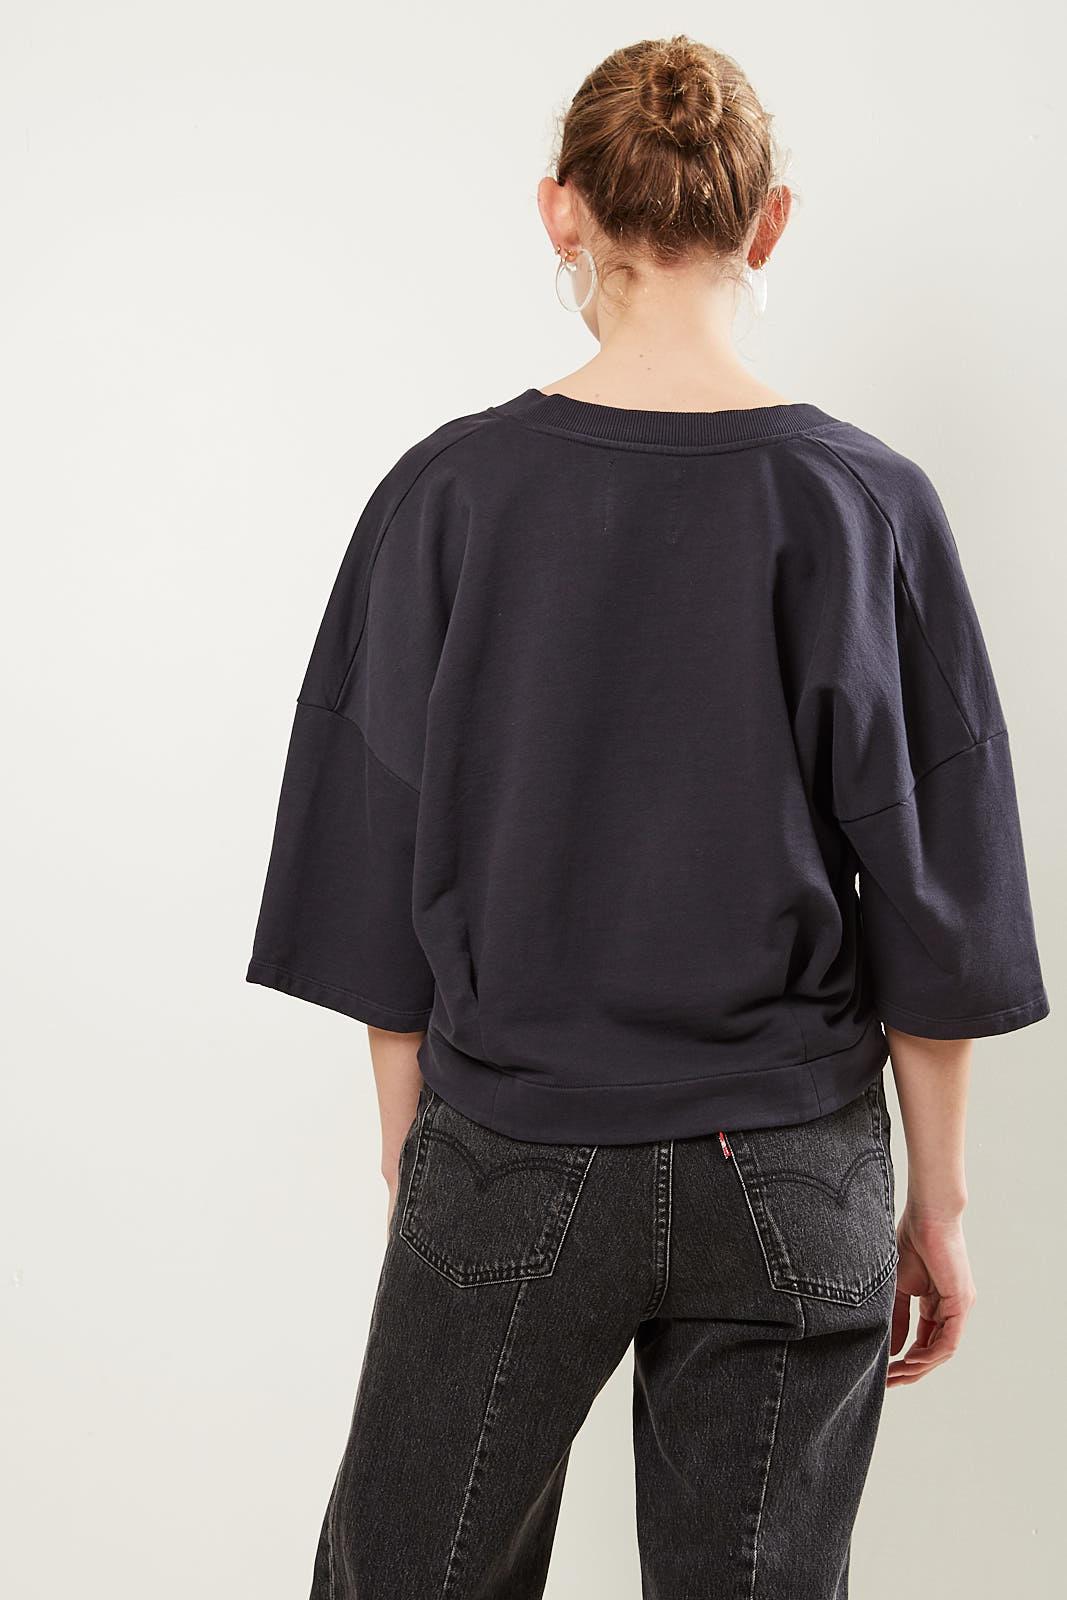 Humanoid - Bindi benett sweater